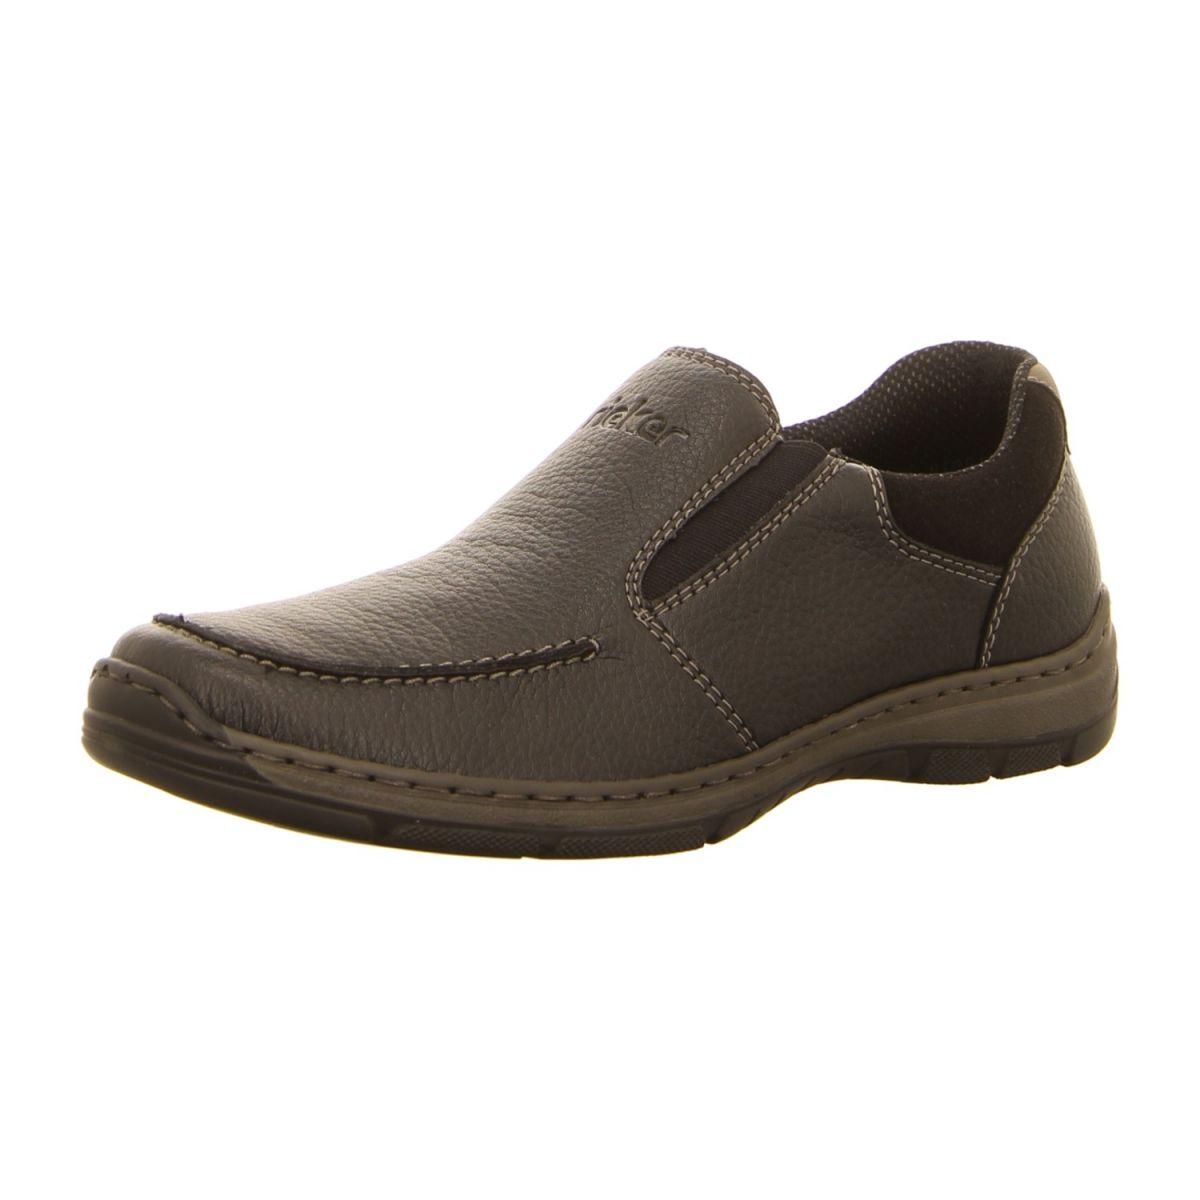 NEU: Rieker Slipper 15250 00 schwarz kombi | Schuhe